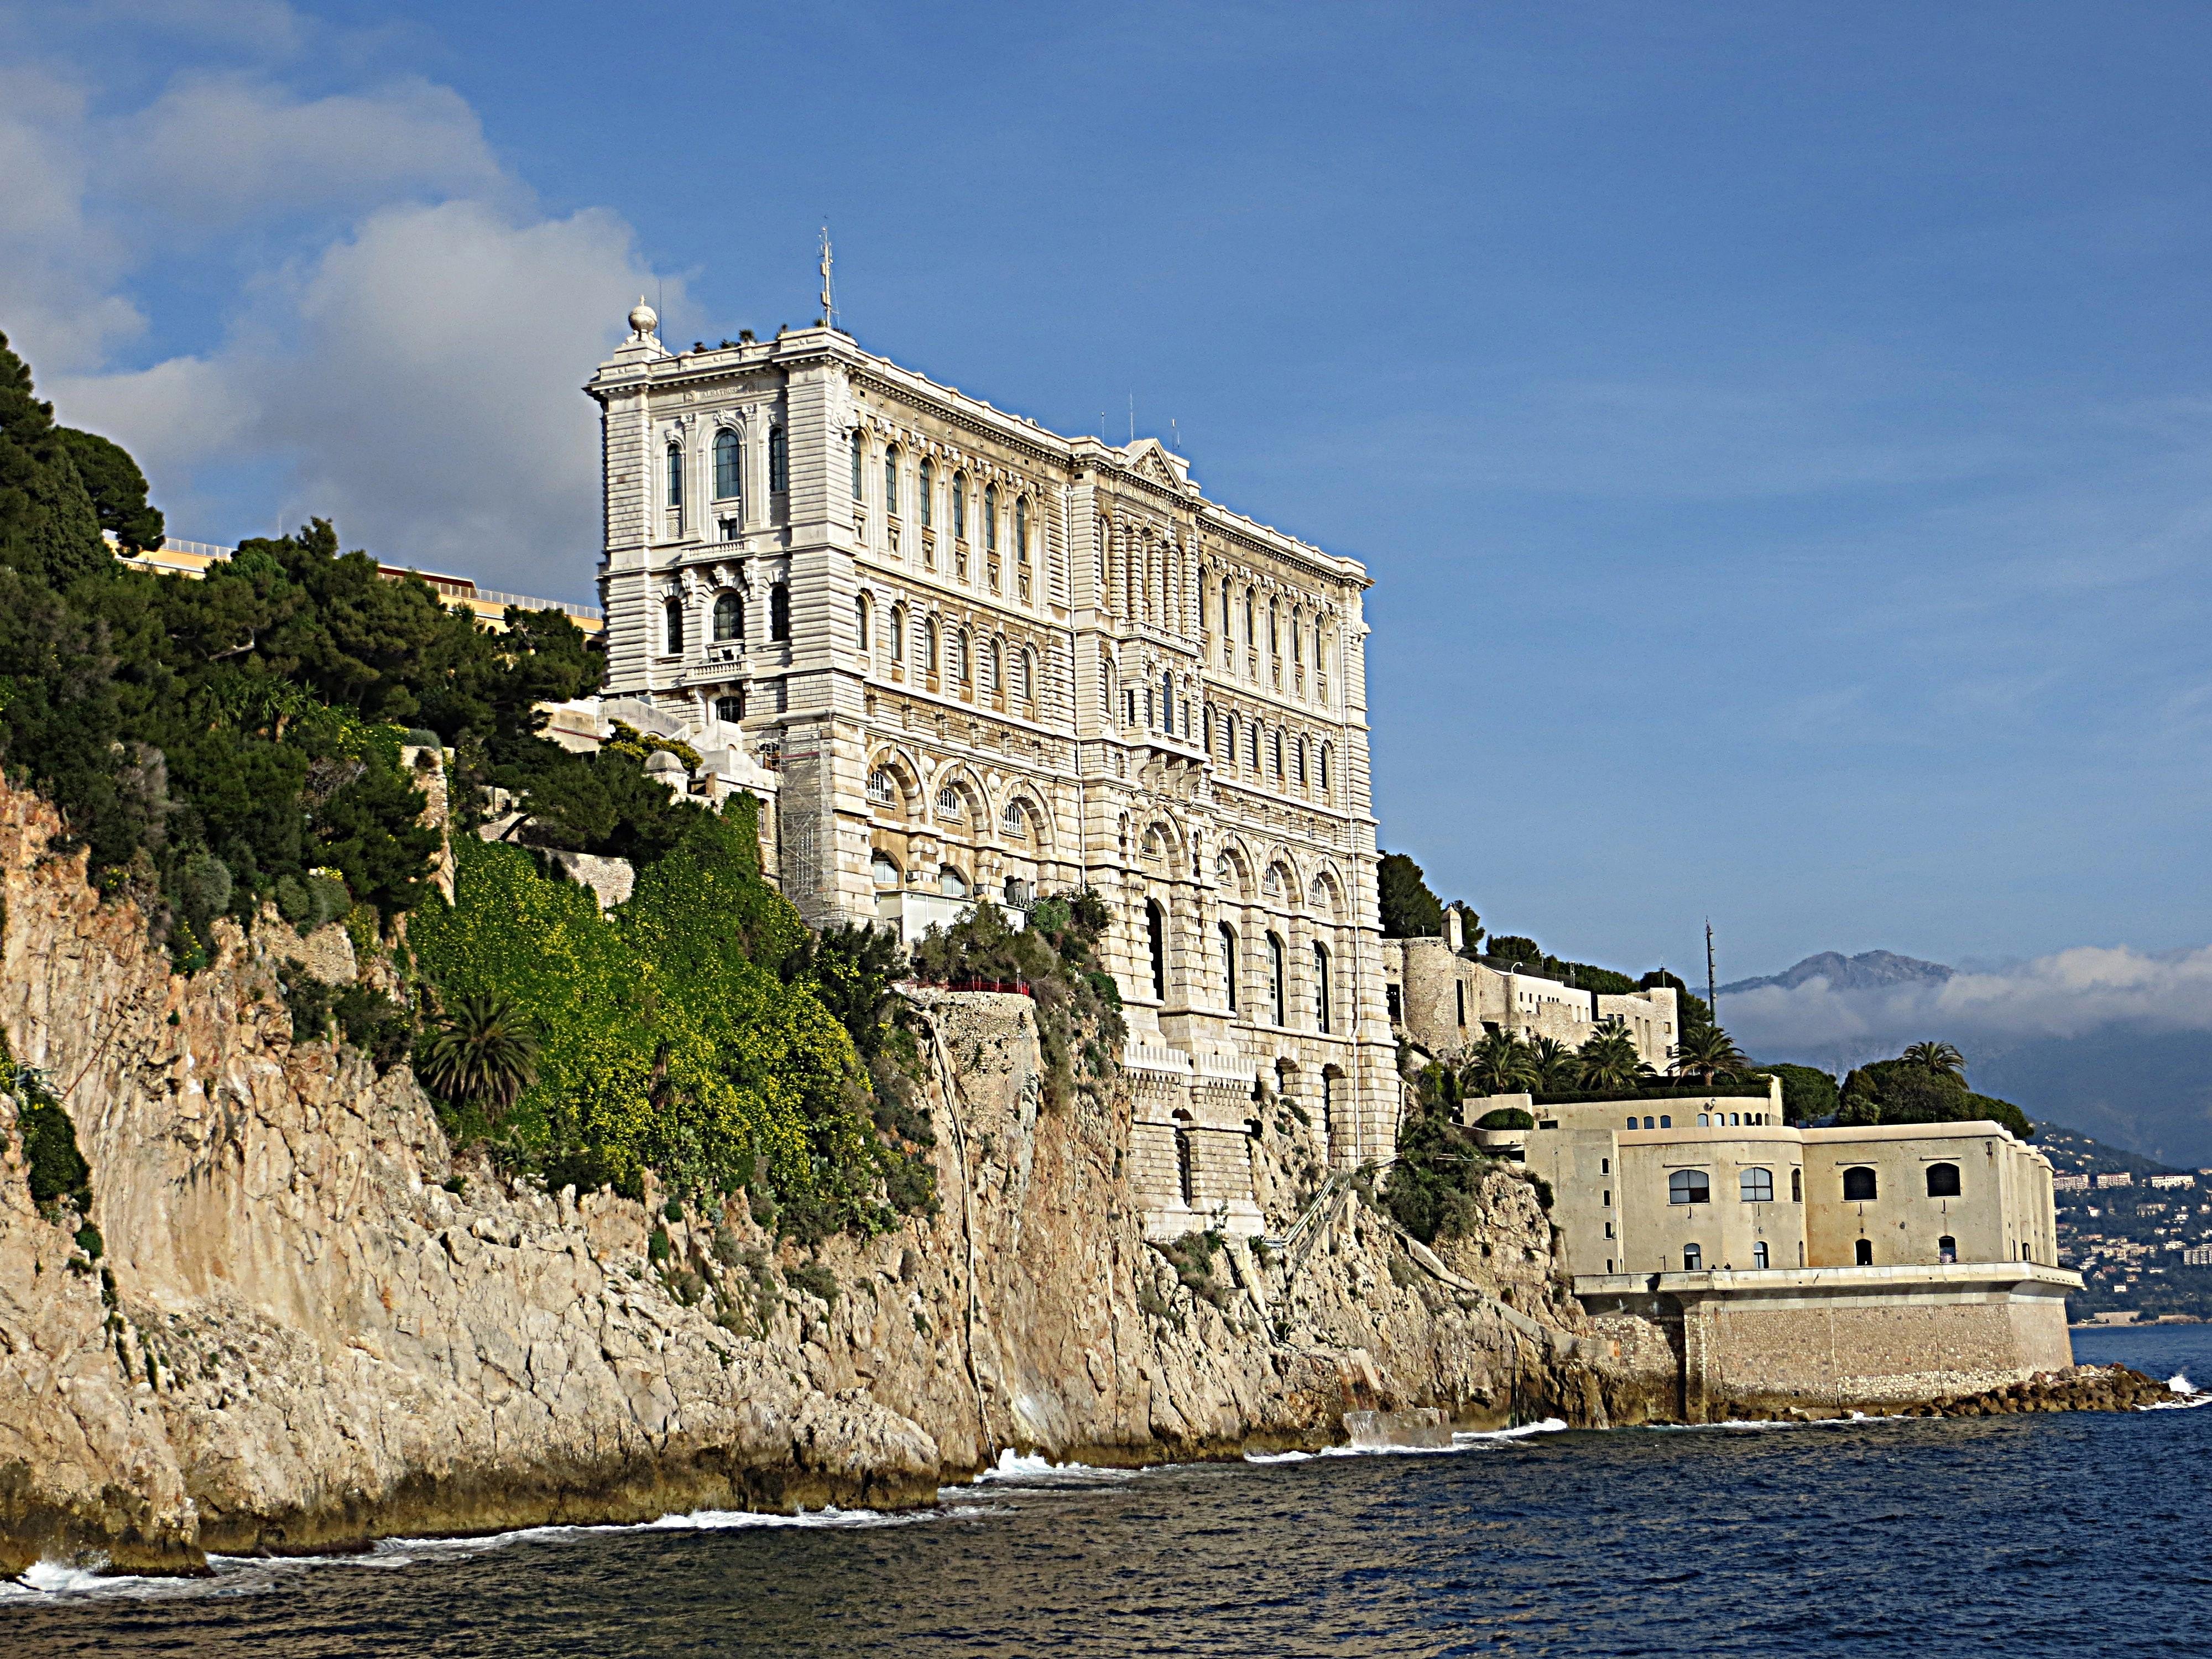 267-musee_oceanographique_de_monaco.jpg